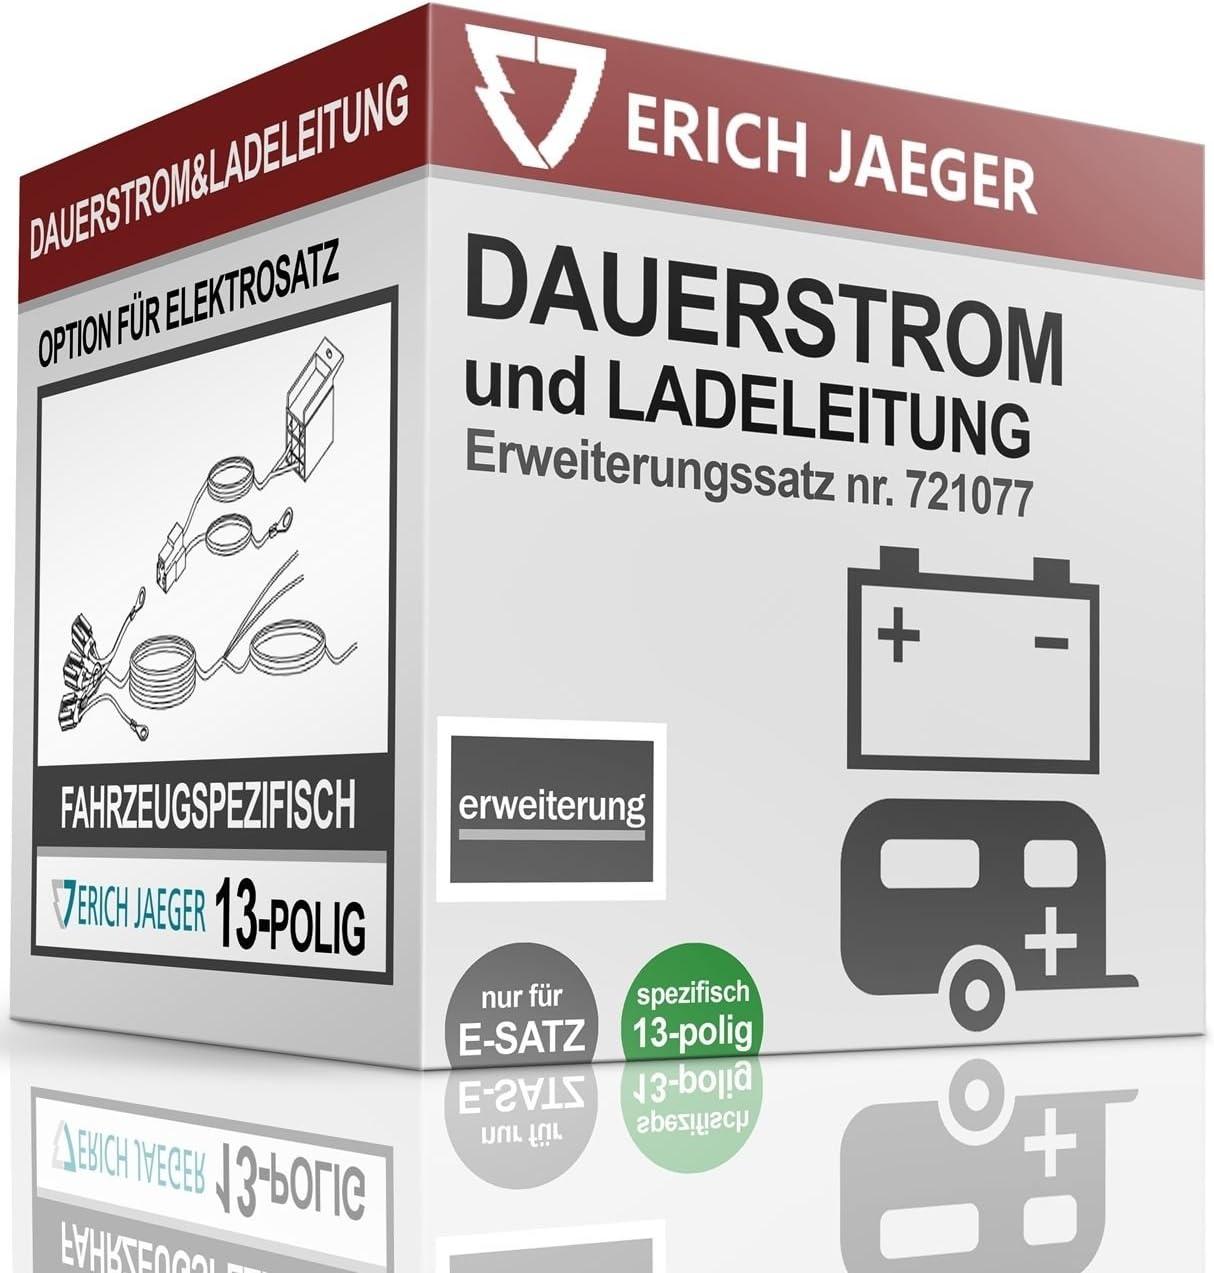 Für Citroen Jumpy Elektrosatz 13-pol spezifisch NEU Erich Jaeger